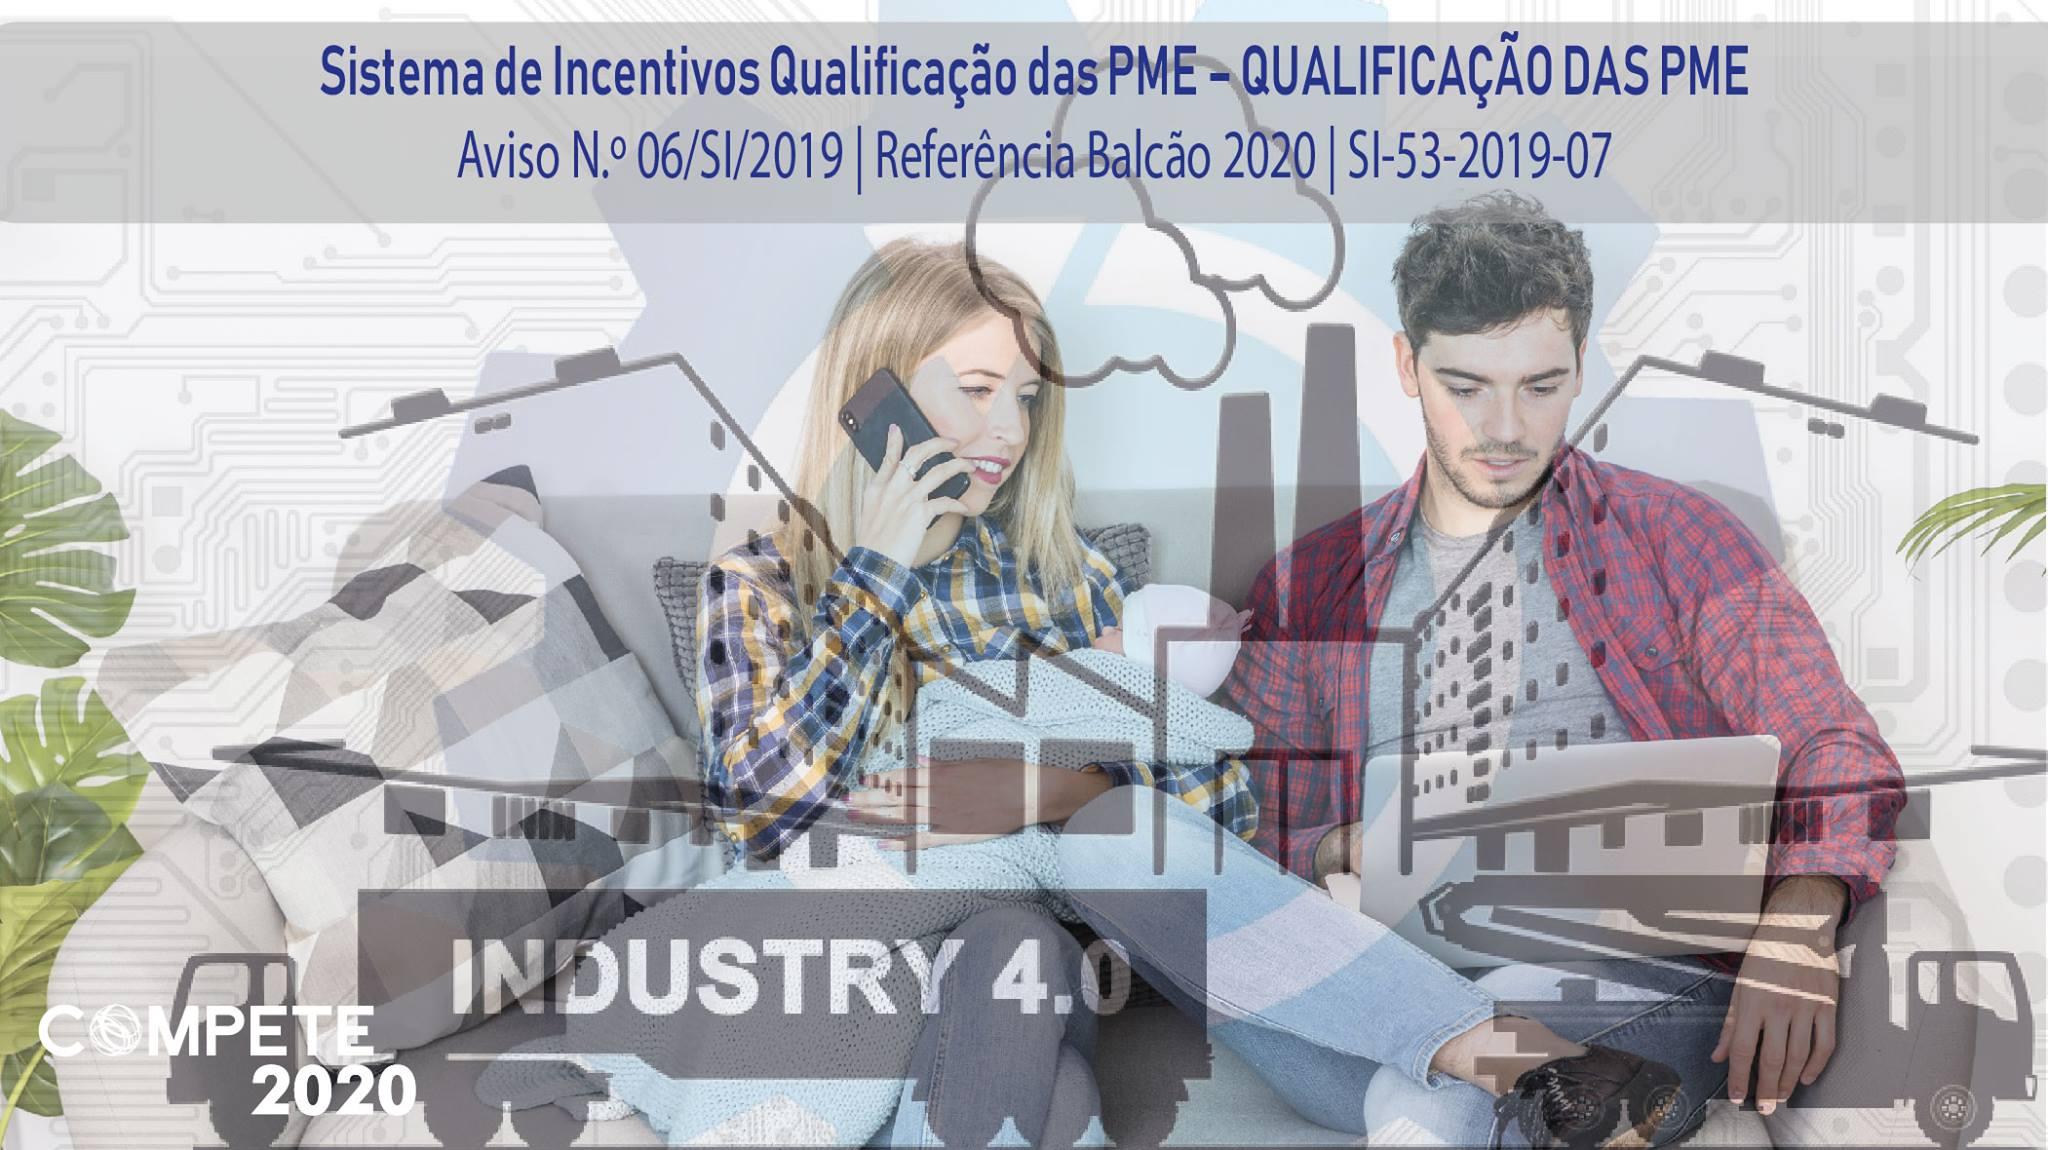 Qualificação das PME